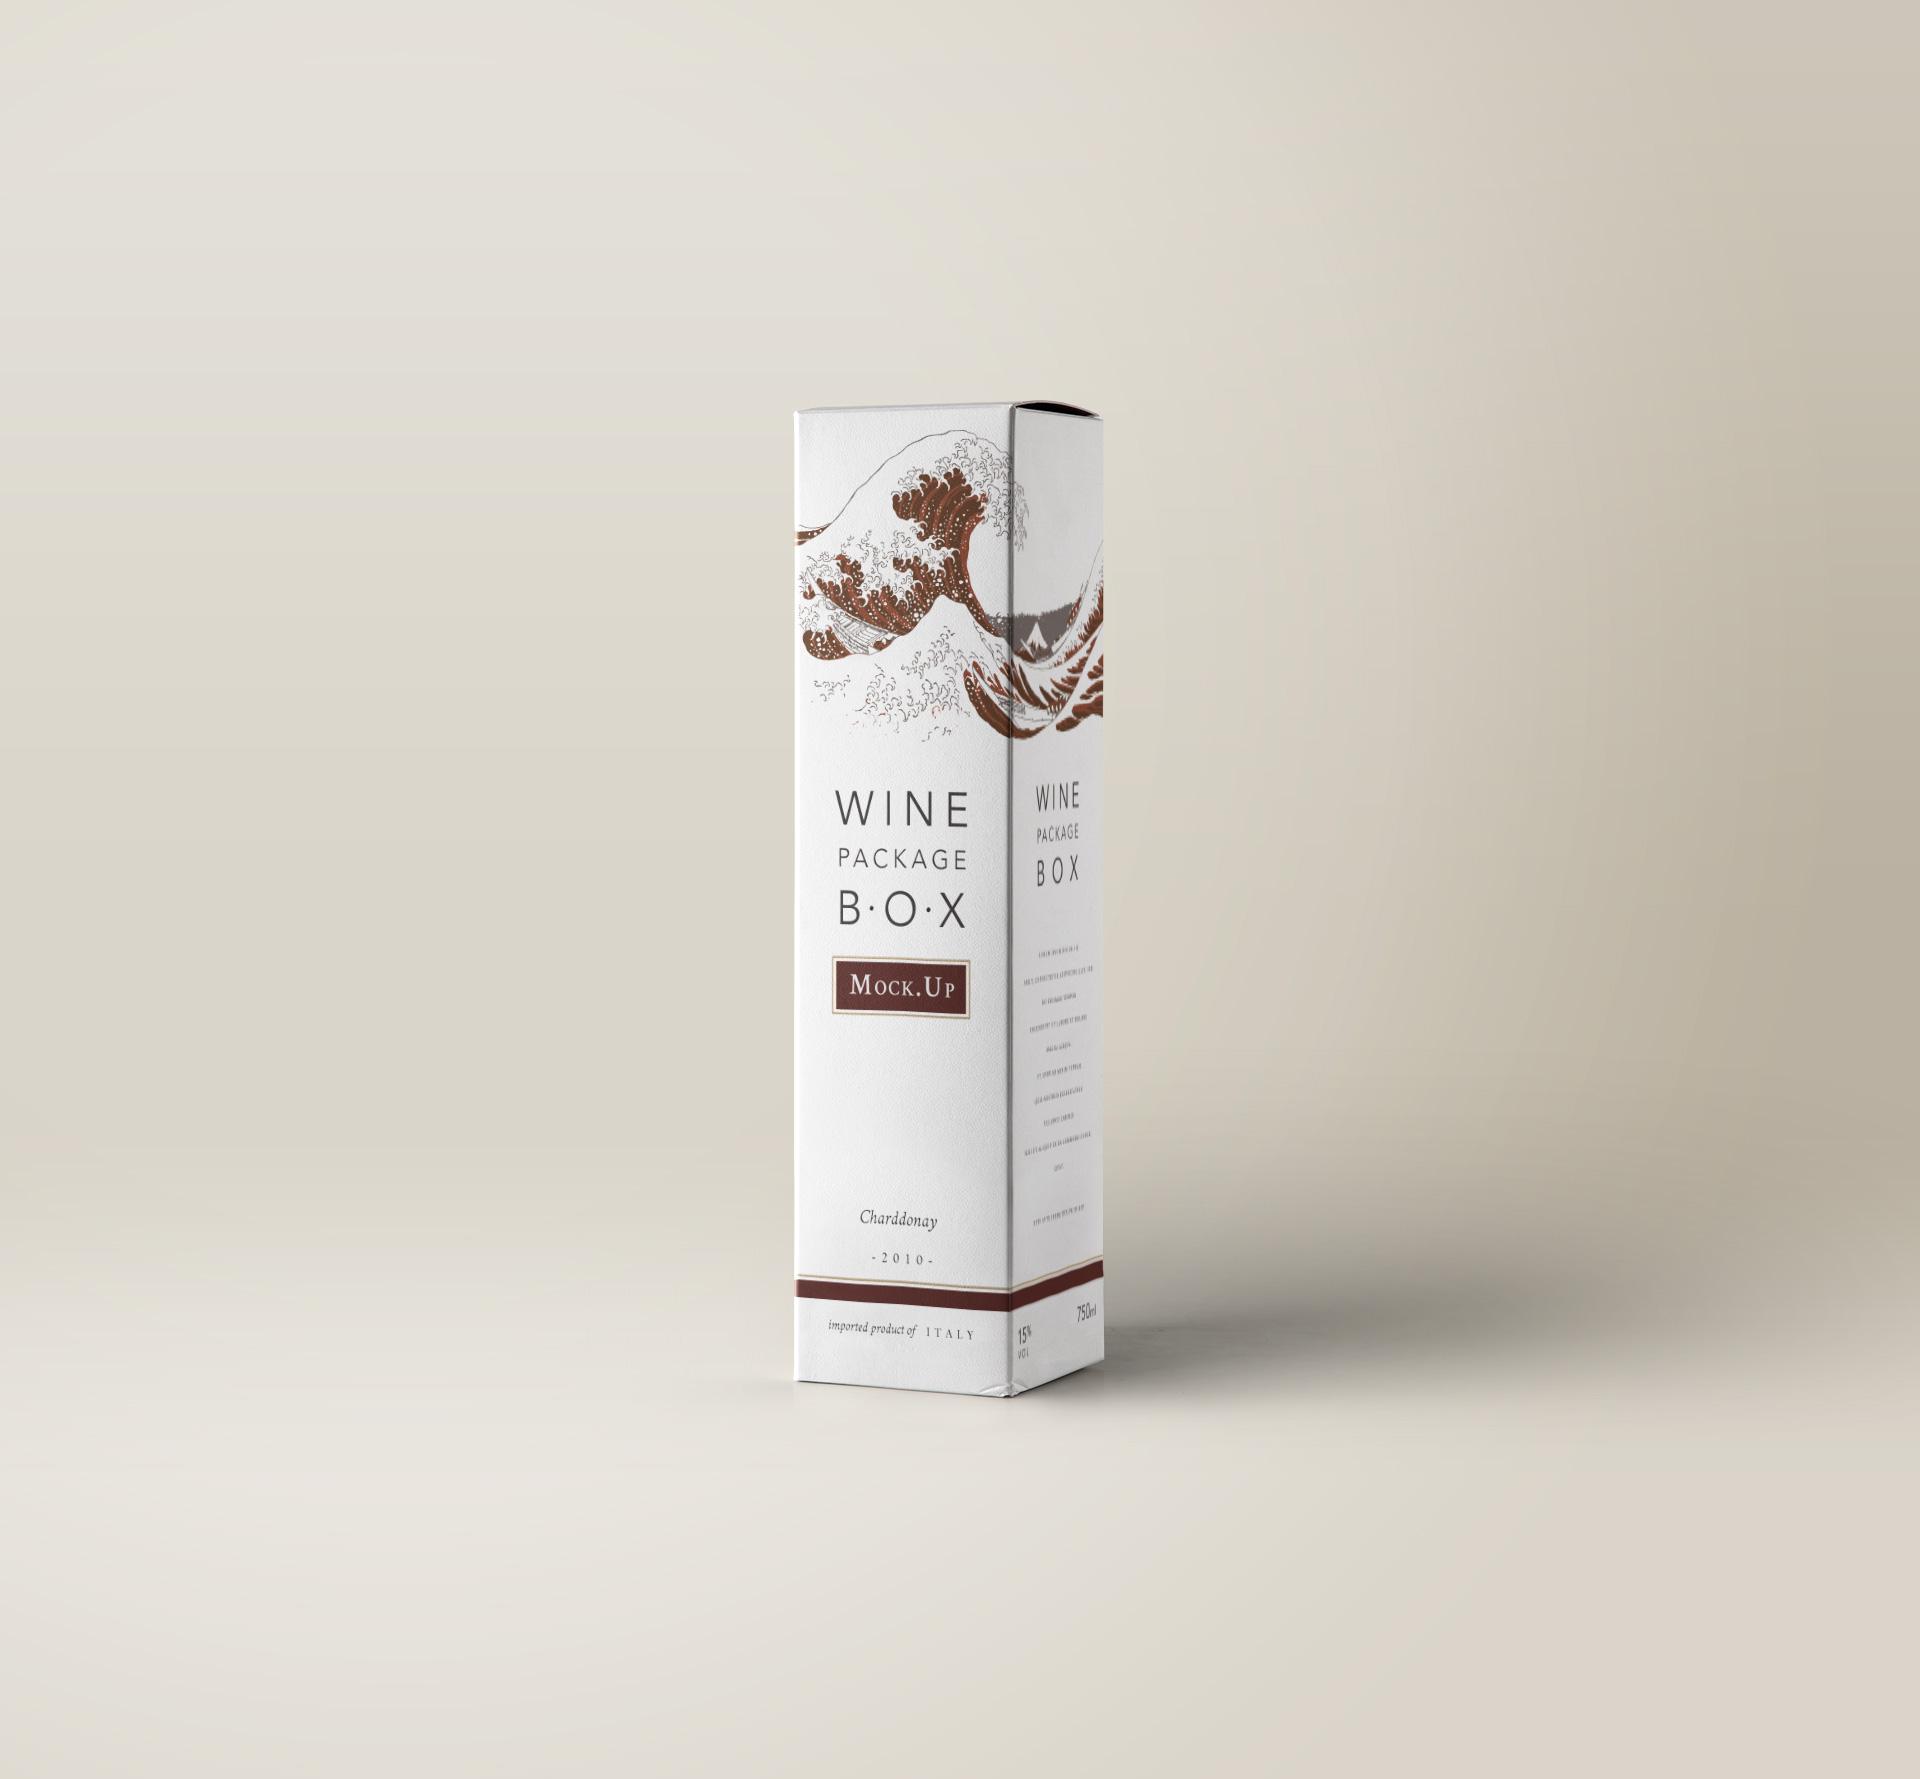 Wine-Package-Box-Mockup-vol-1.jpg